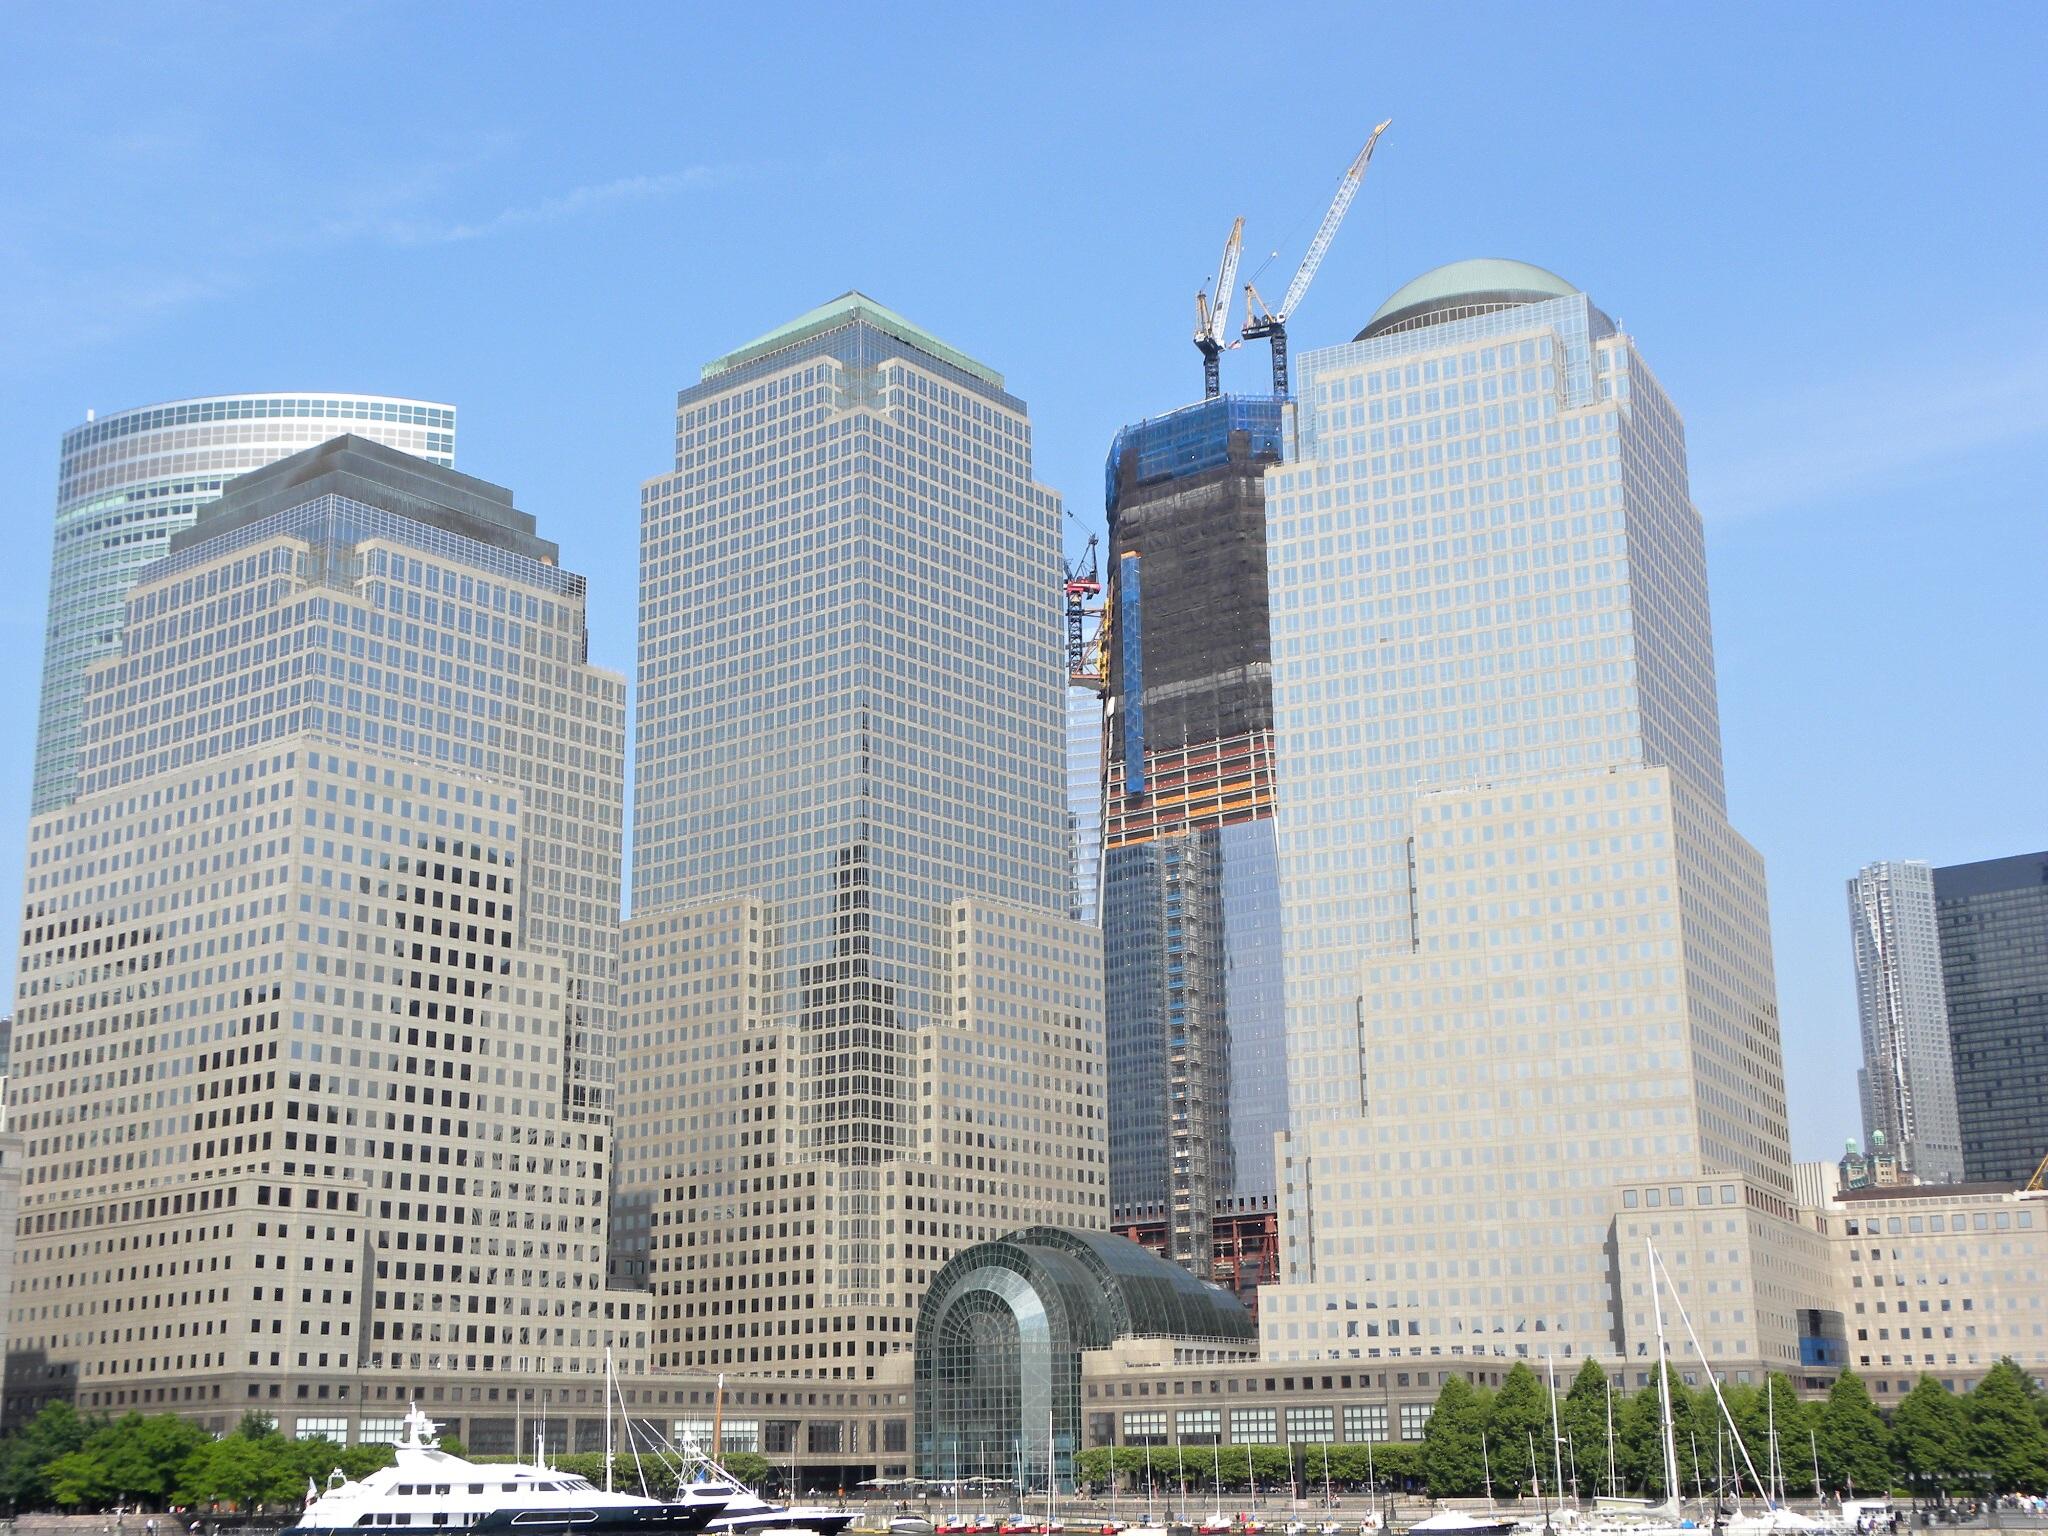 fotos gratis horizonte vaso edificio rascacielos nueva york paisaje urbano centro de la ciudad construccin torre america